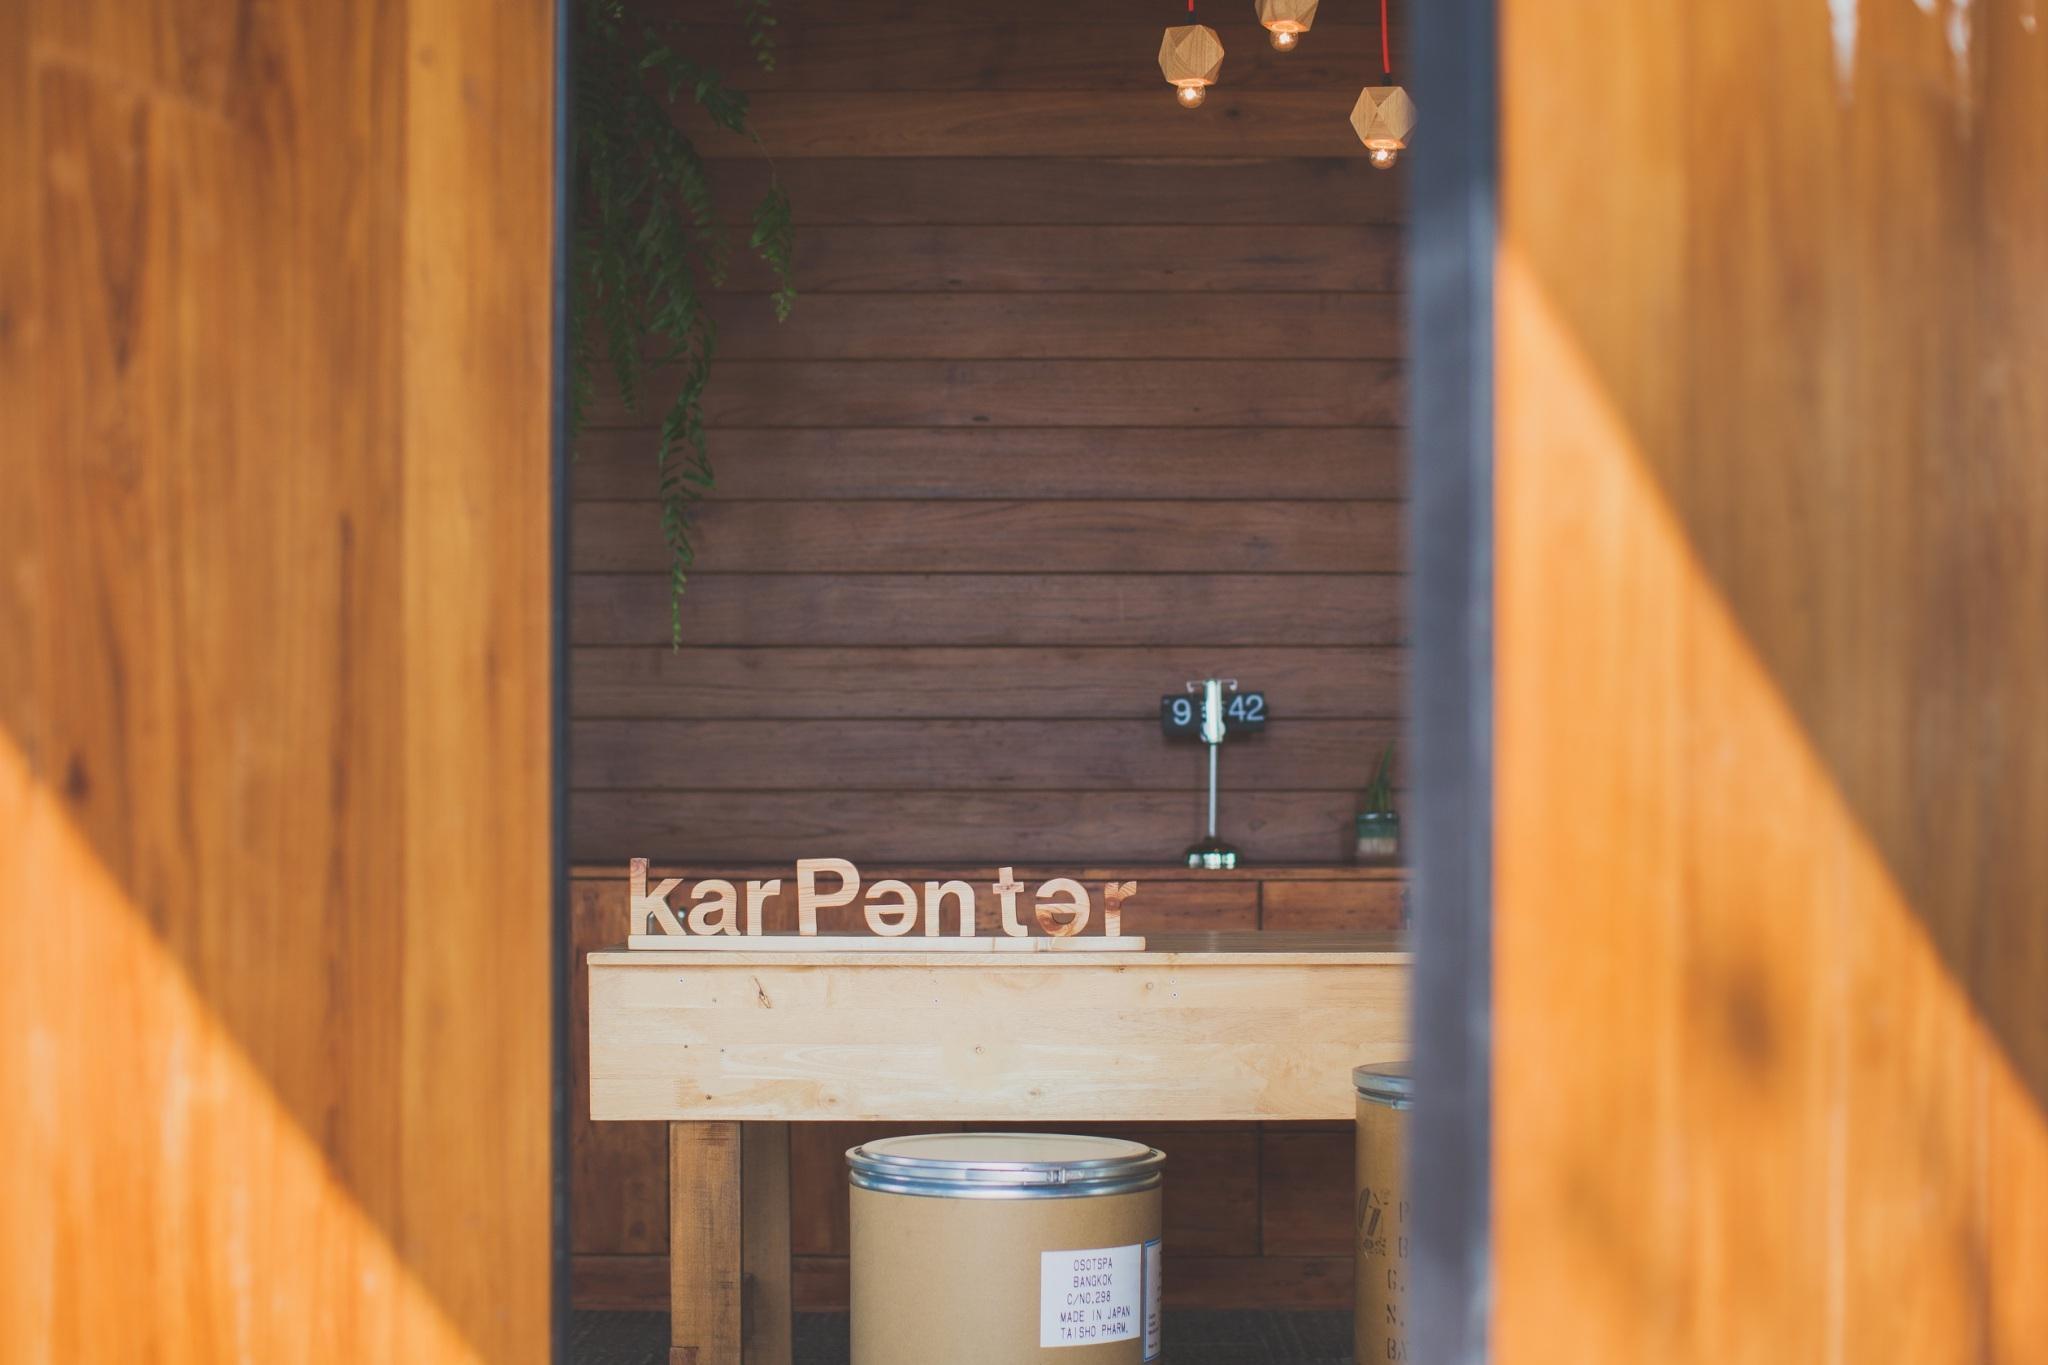 Karpenter Hotel_๑๗๐๒๑๘_0091